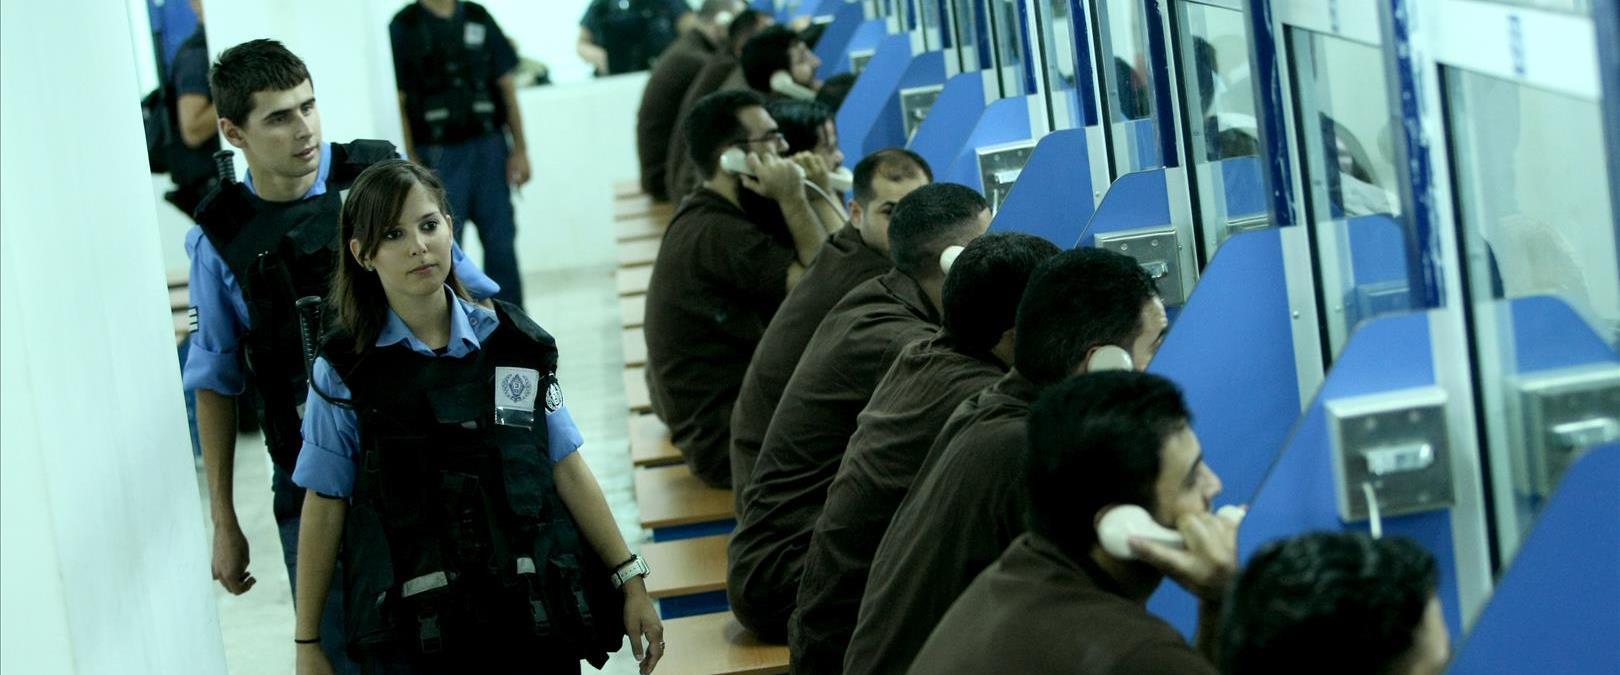 אסירים ביטחוניים בכלא עופר